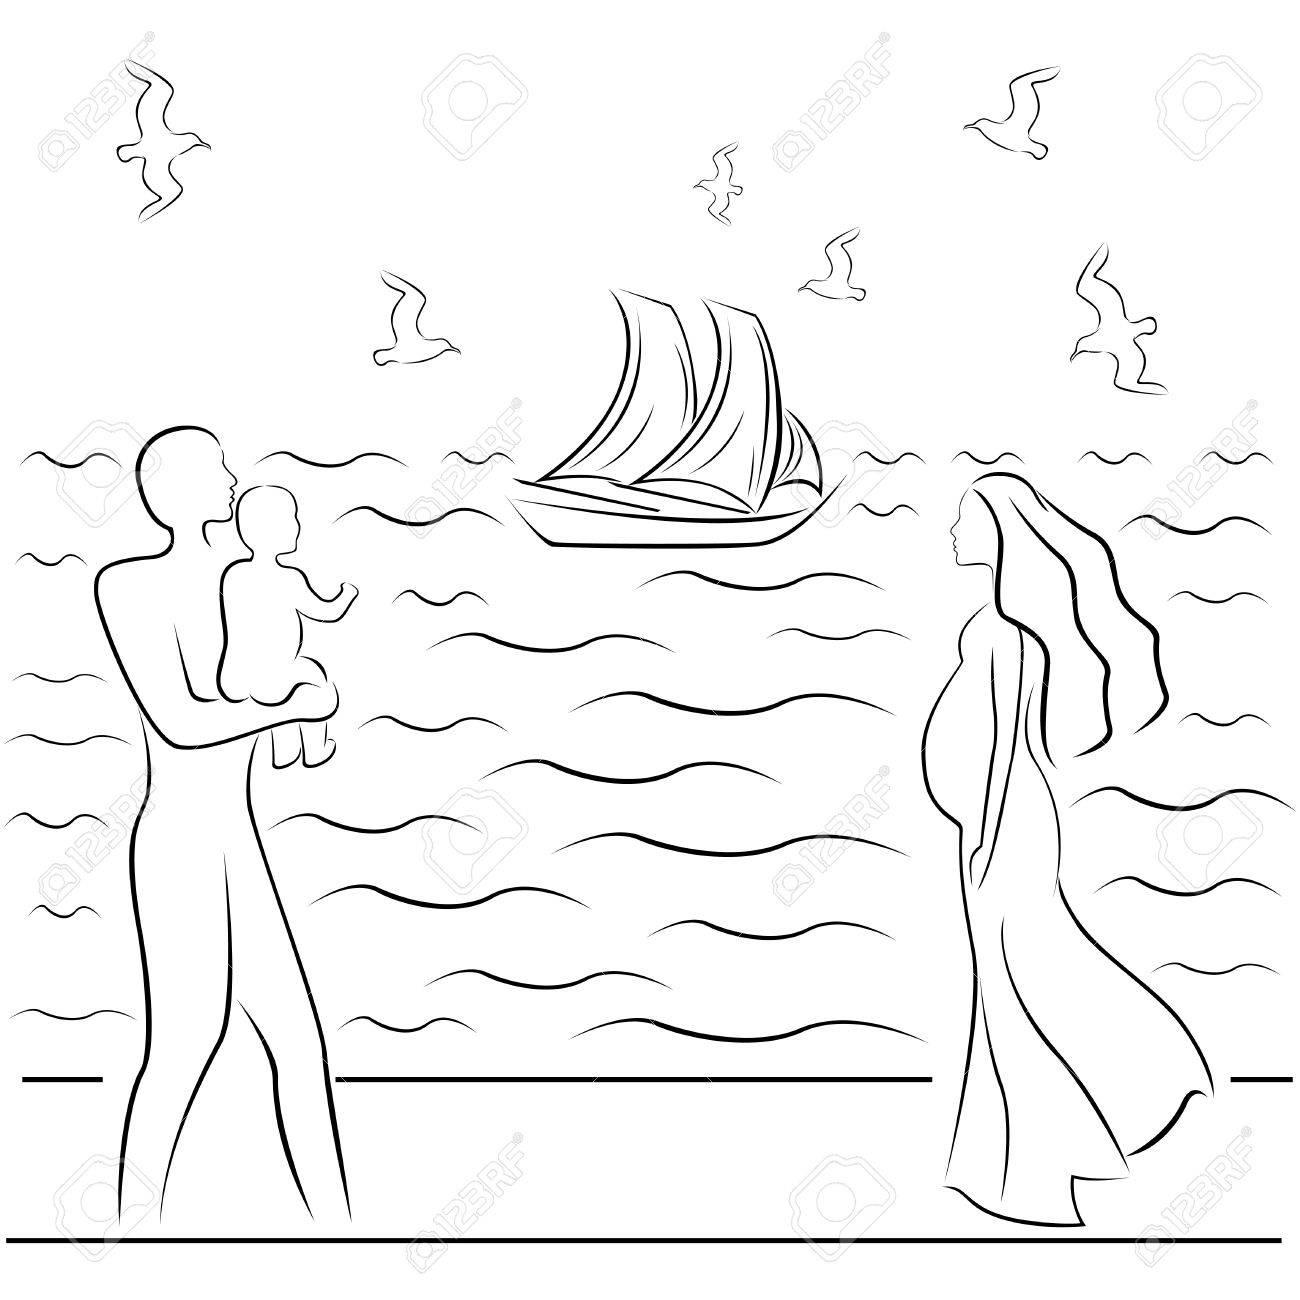 Homme Tenant Un Bébé Et Une Femme Enceinte Sur Une Côte De La Mer Dessin à La Main En Noir Et Blanc Illustration Vectorielle